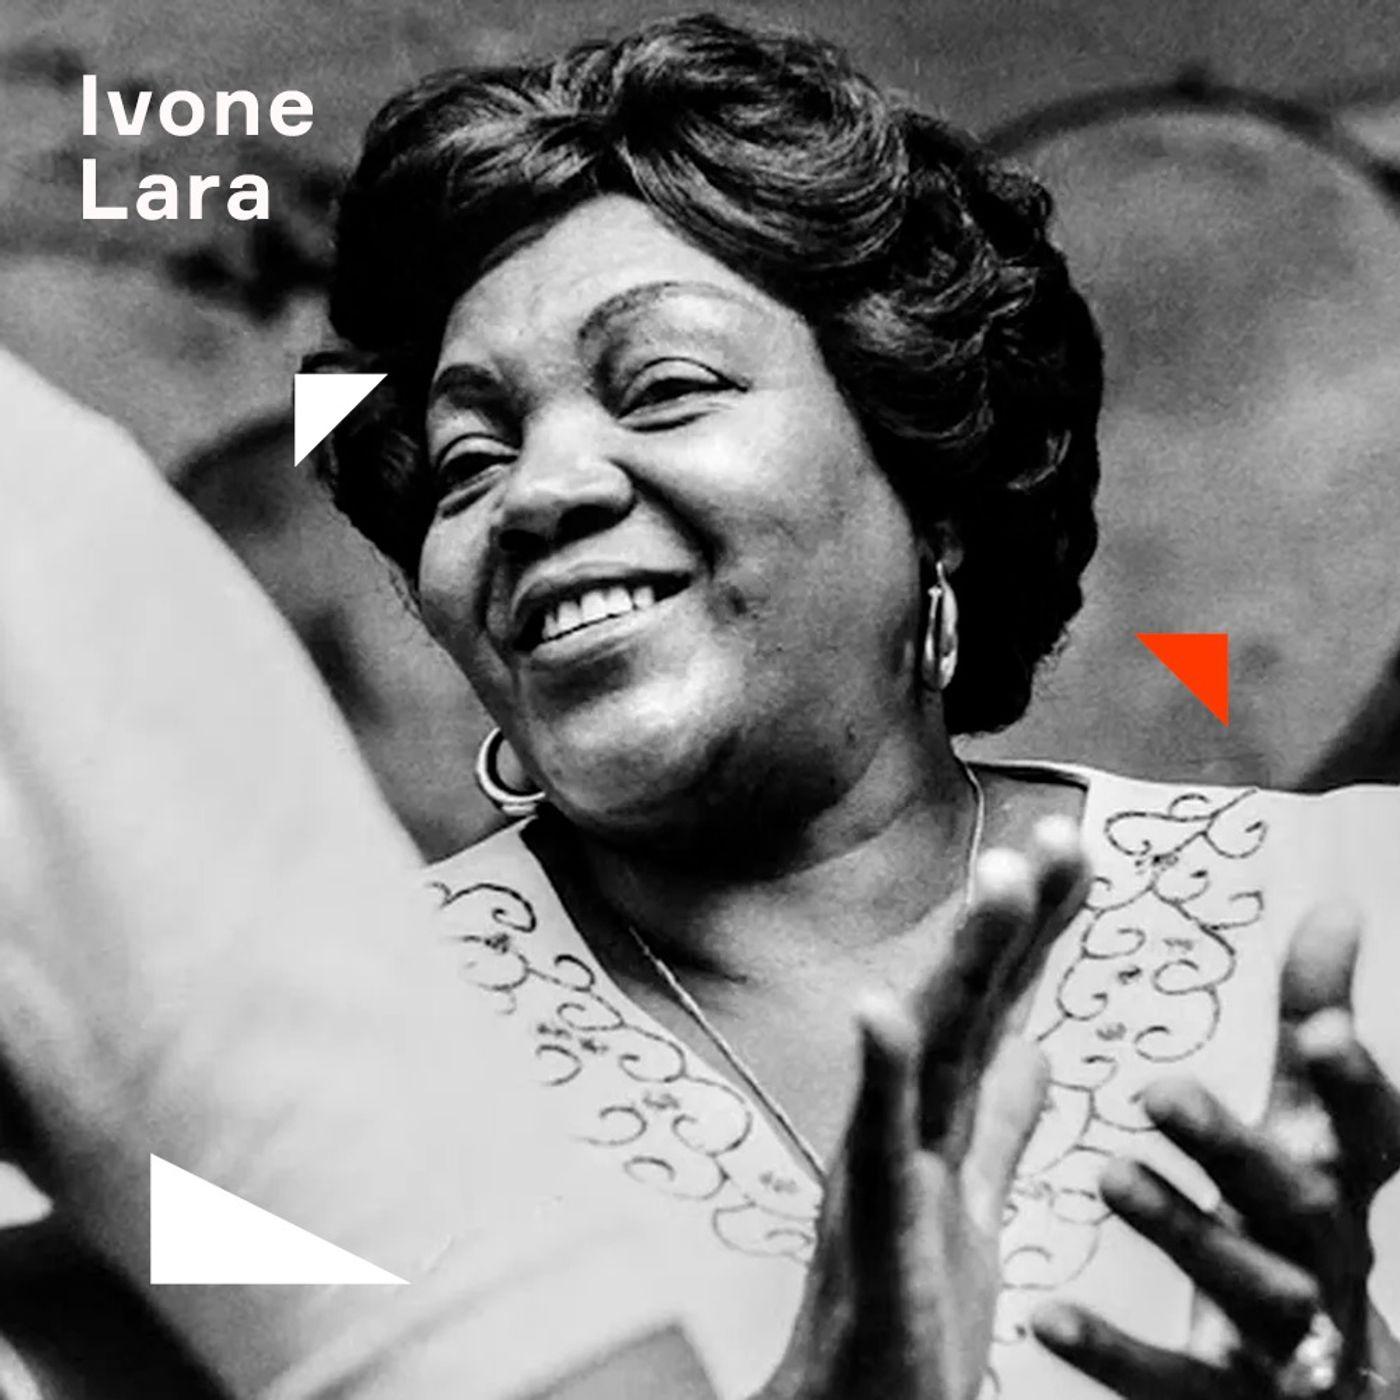 O Samba das Pretas   5. Ivone Lara